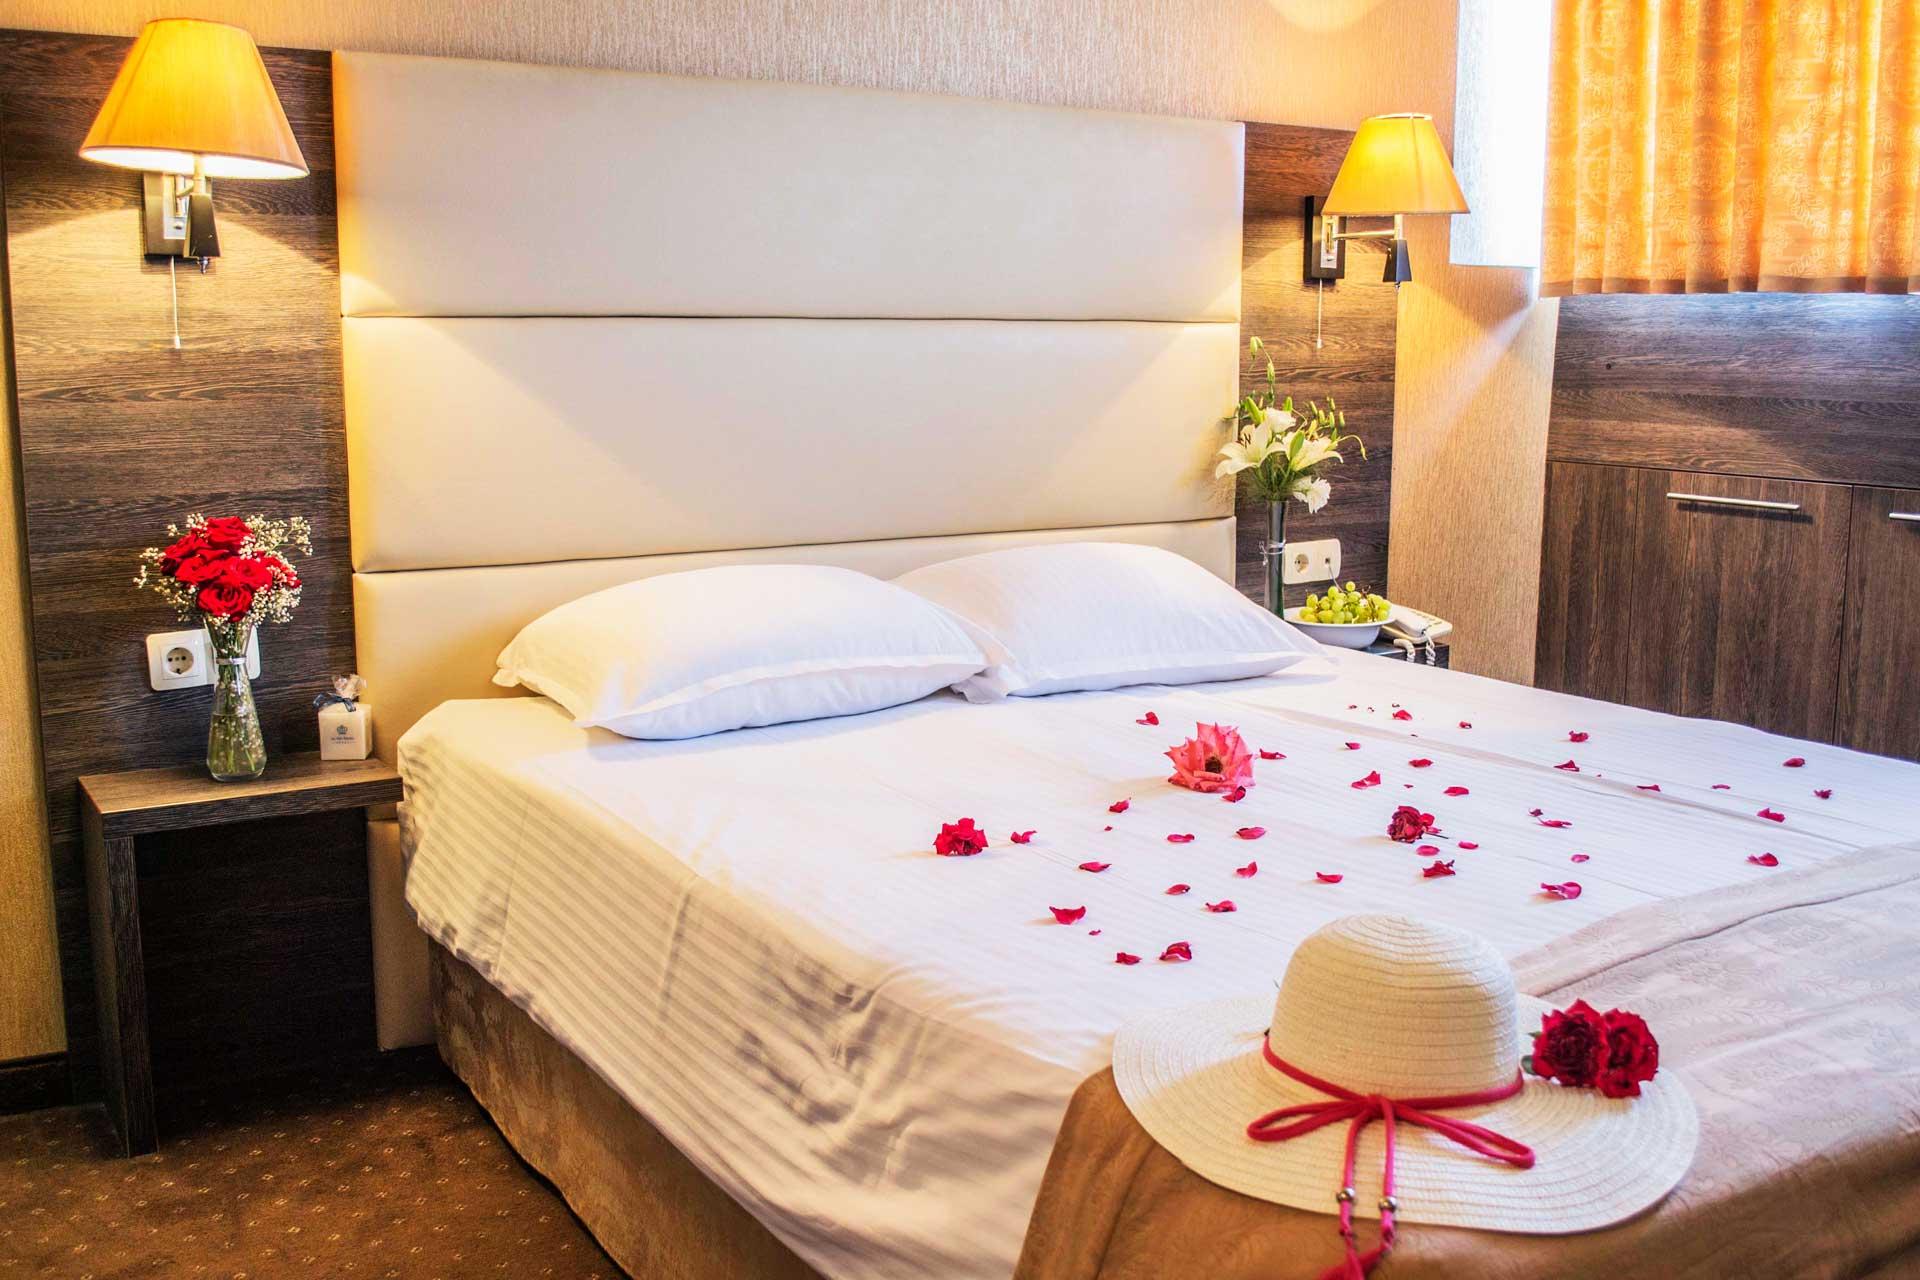 Цветя и листа от рози украсени в хотелска стая